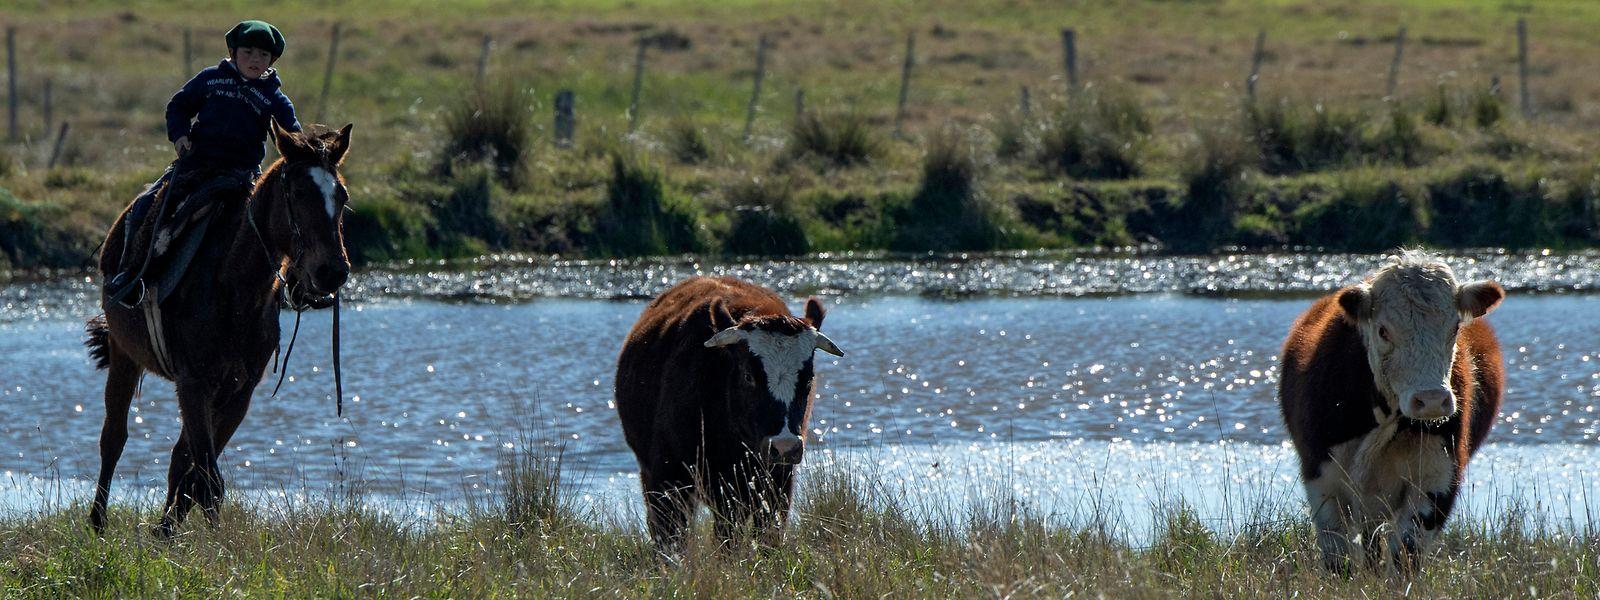 Uruguay, ein extrem dünn besiedeltes Land: Ein junger Cowboy auf einer Weide nordöstlich von Montevideo.